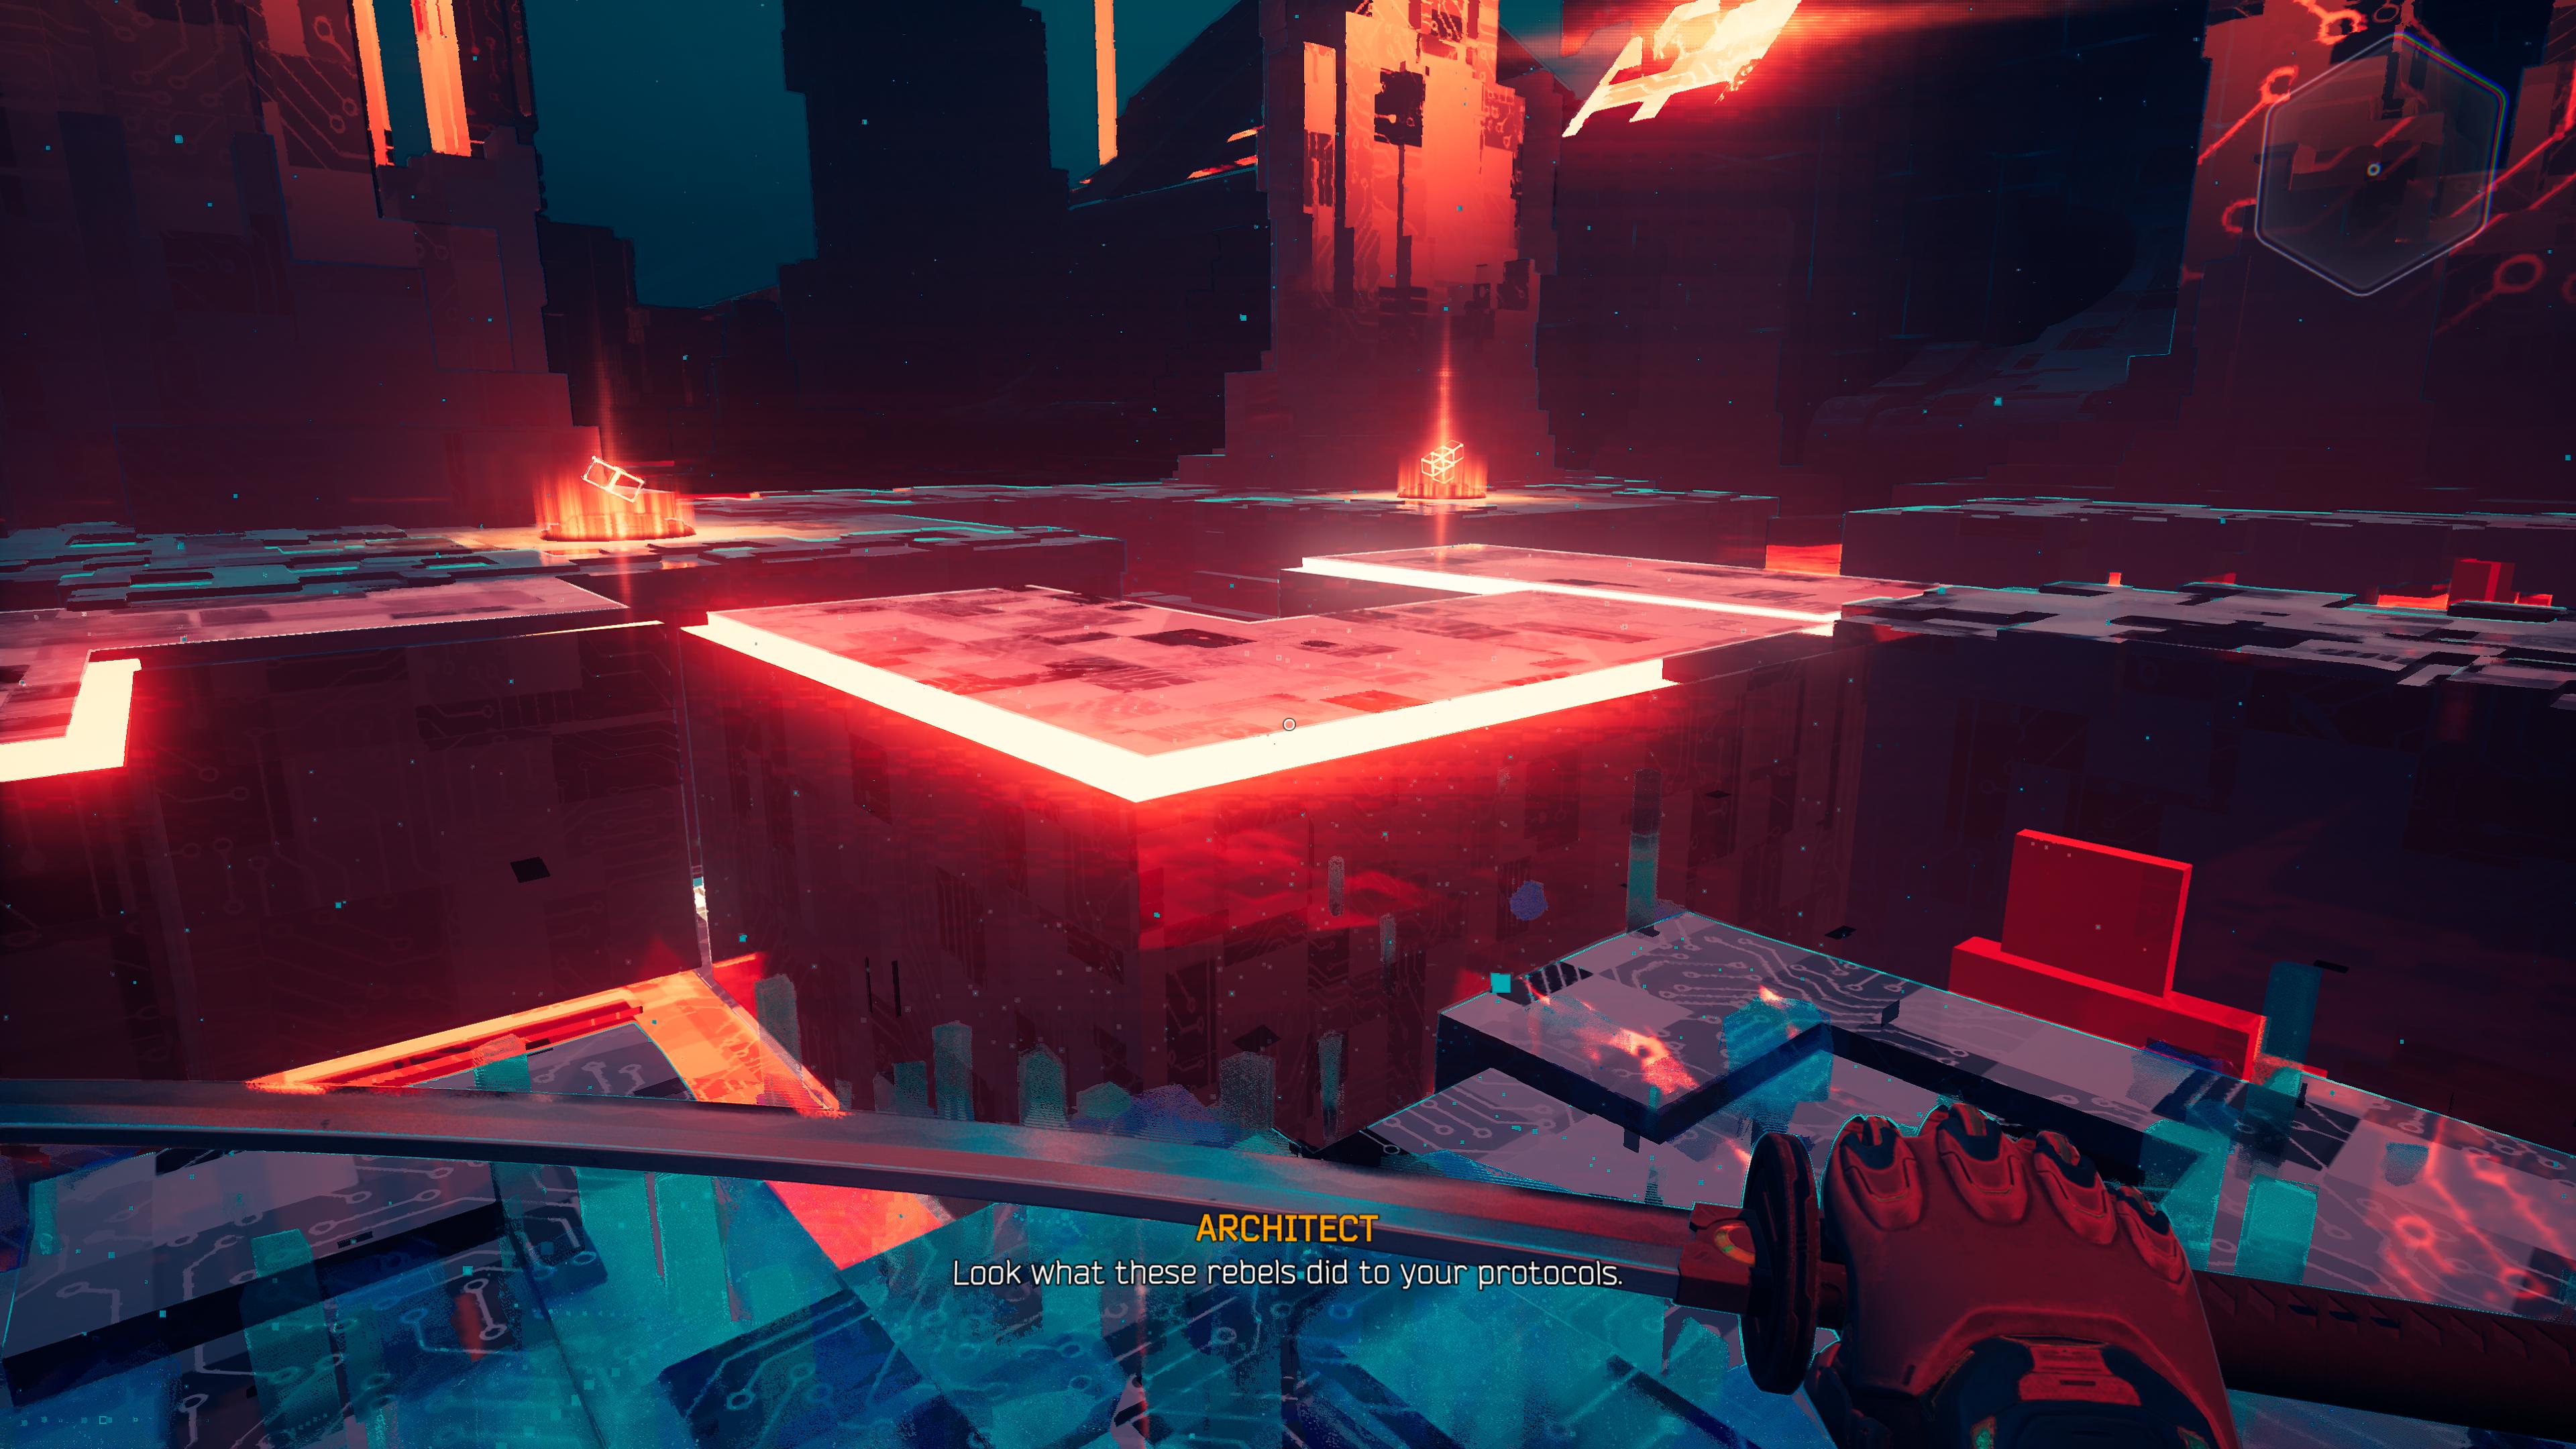 Cybervoid - miejsce, w którym przygotowujemy się do walki z żołnierzami Mary. Tutaj układamy Tetris 3D, co by ulepszyć jedną z zdolności Ghostrunnera